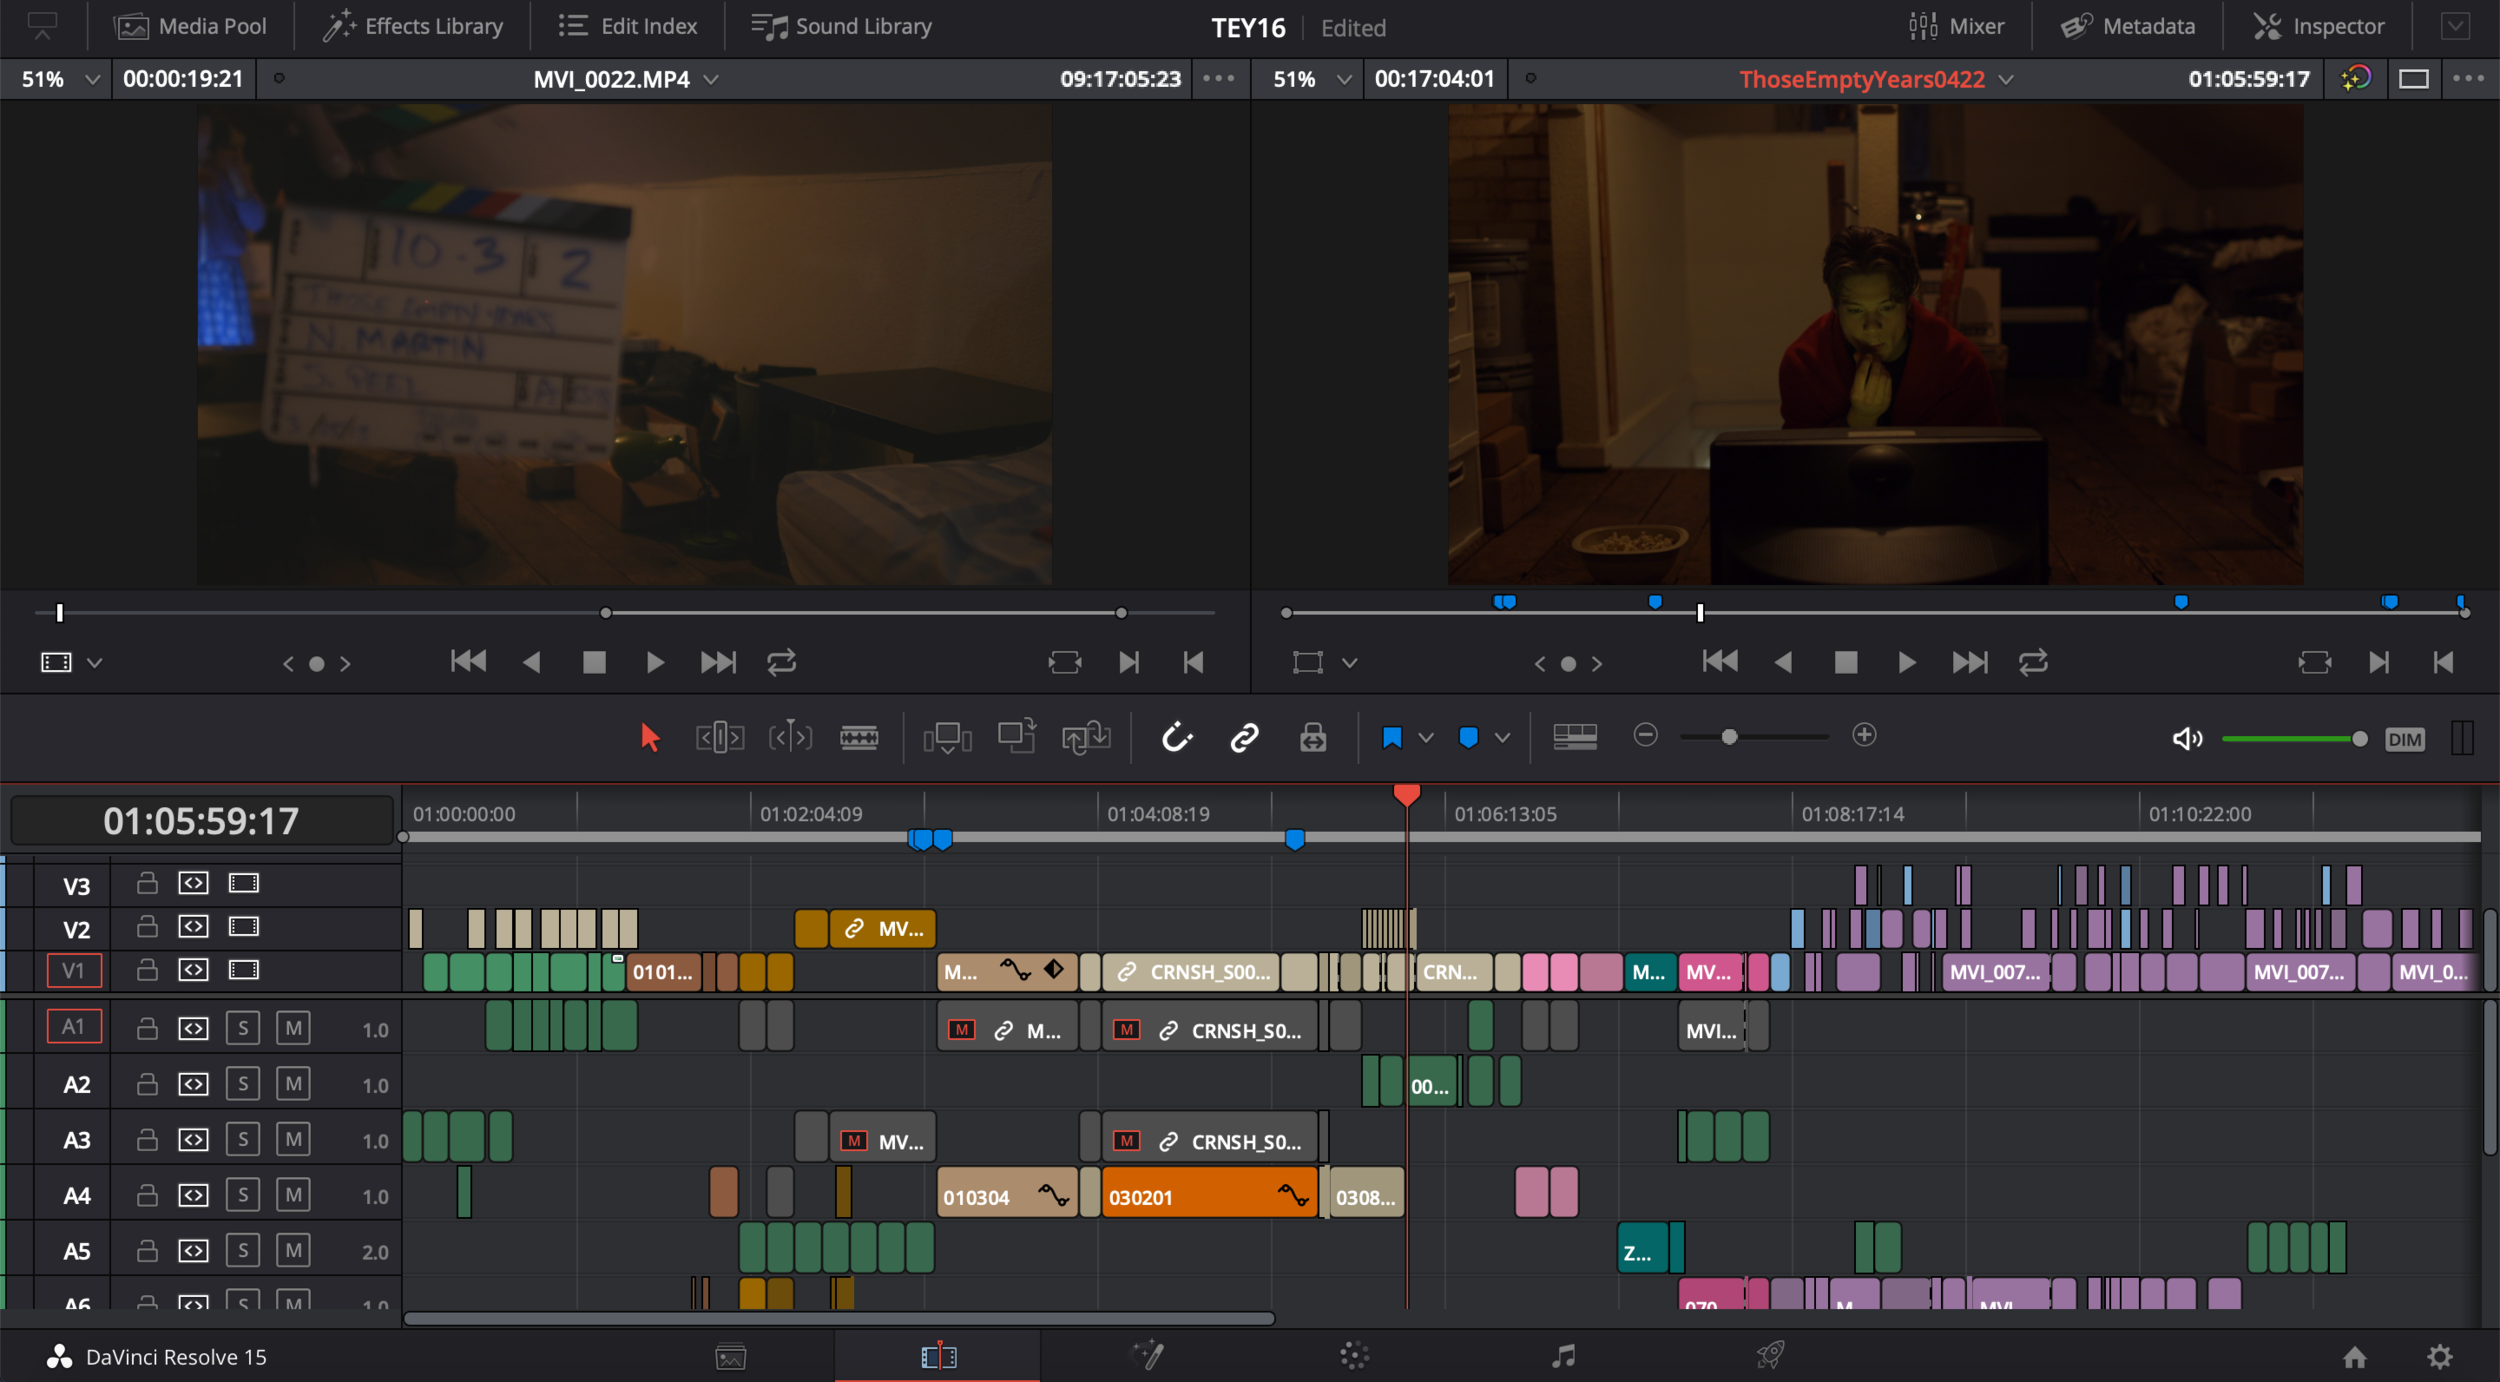 Screen Shot 2019-05-20 at 4.02.14 PM.png